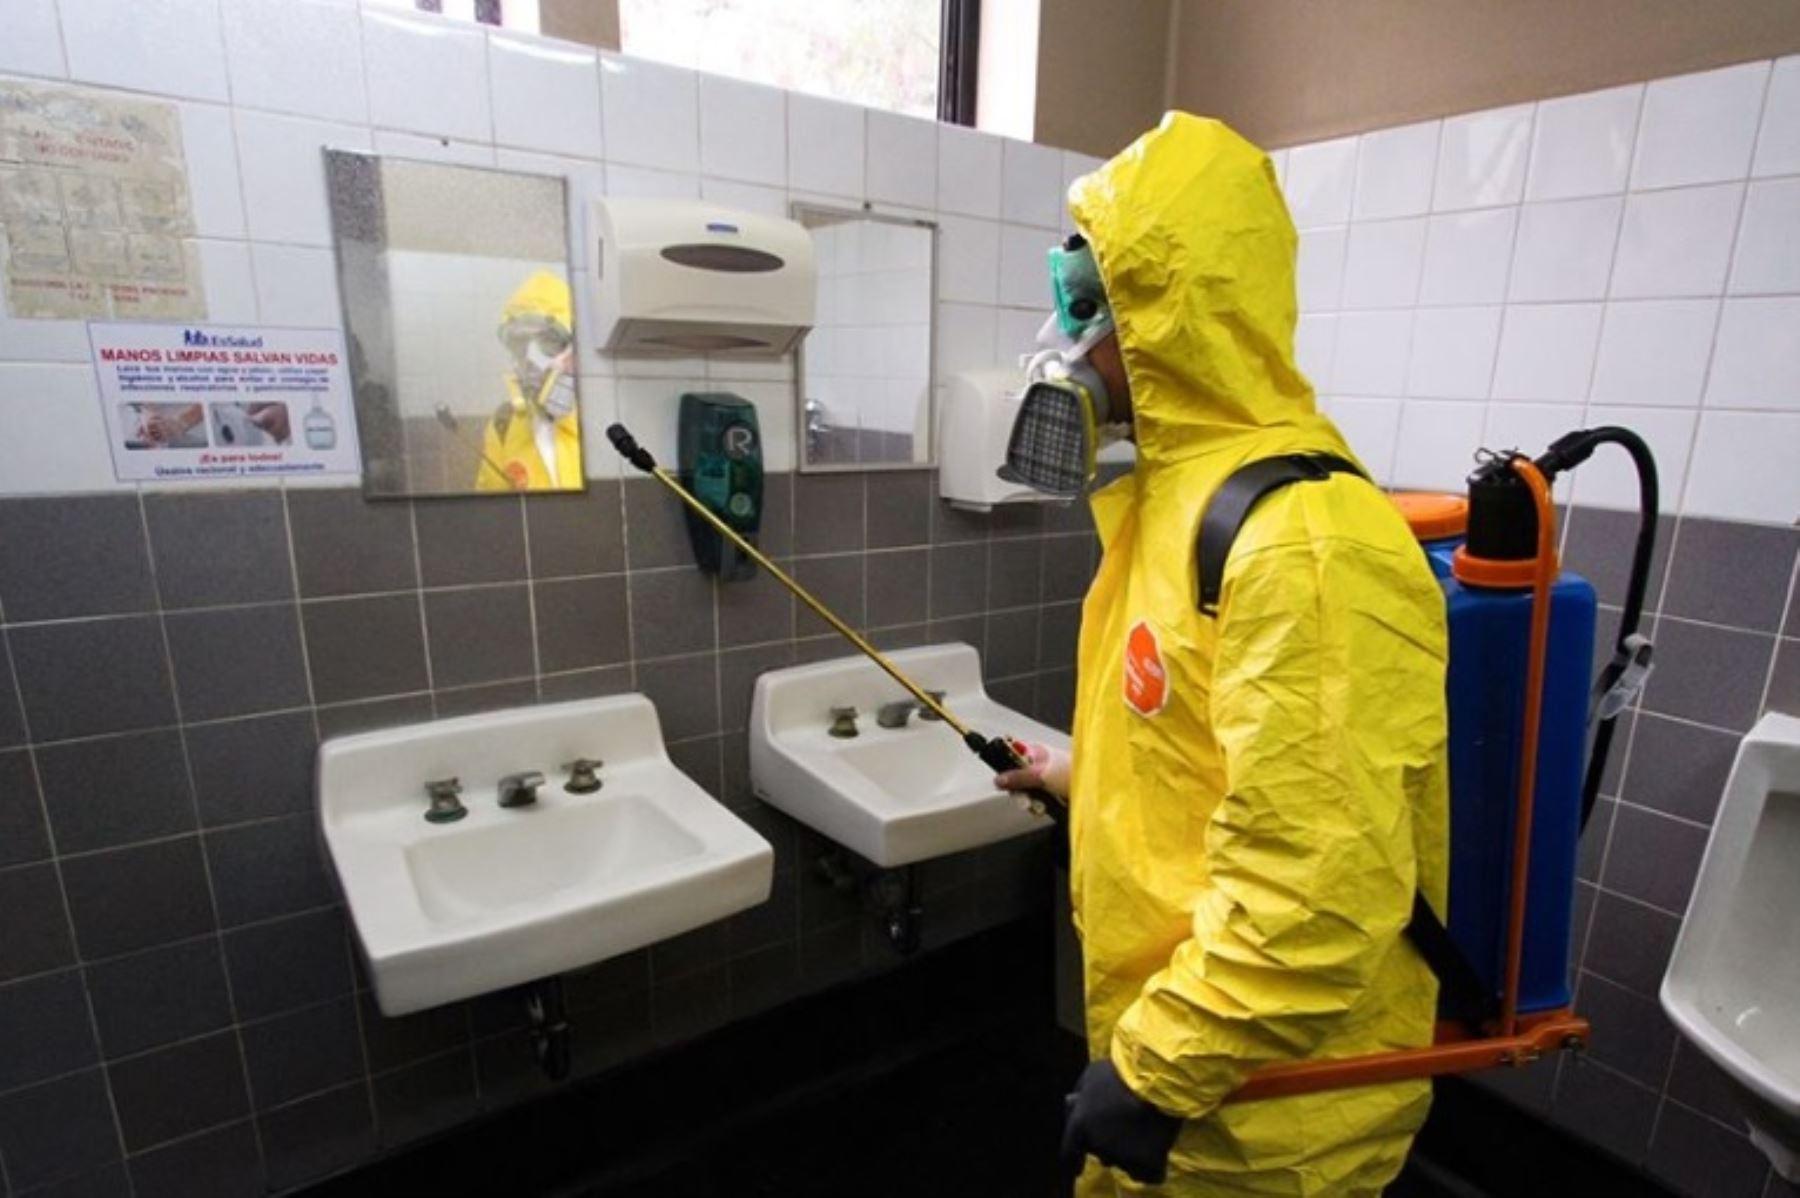 Los ambientes de los hospitales de contingencia Antonio Lorena y Adolfo Guevara del Seguro Social de Salud (EsSalud) de la ciudad del Cusco fueron fumigados y desinfectados por especialistas y trabajadores del Gobierno Regional del Cusco.